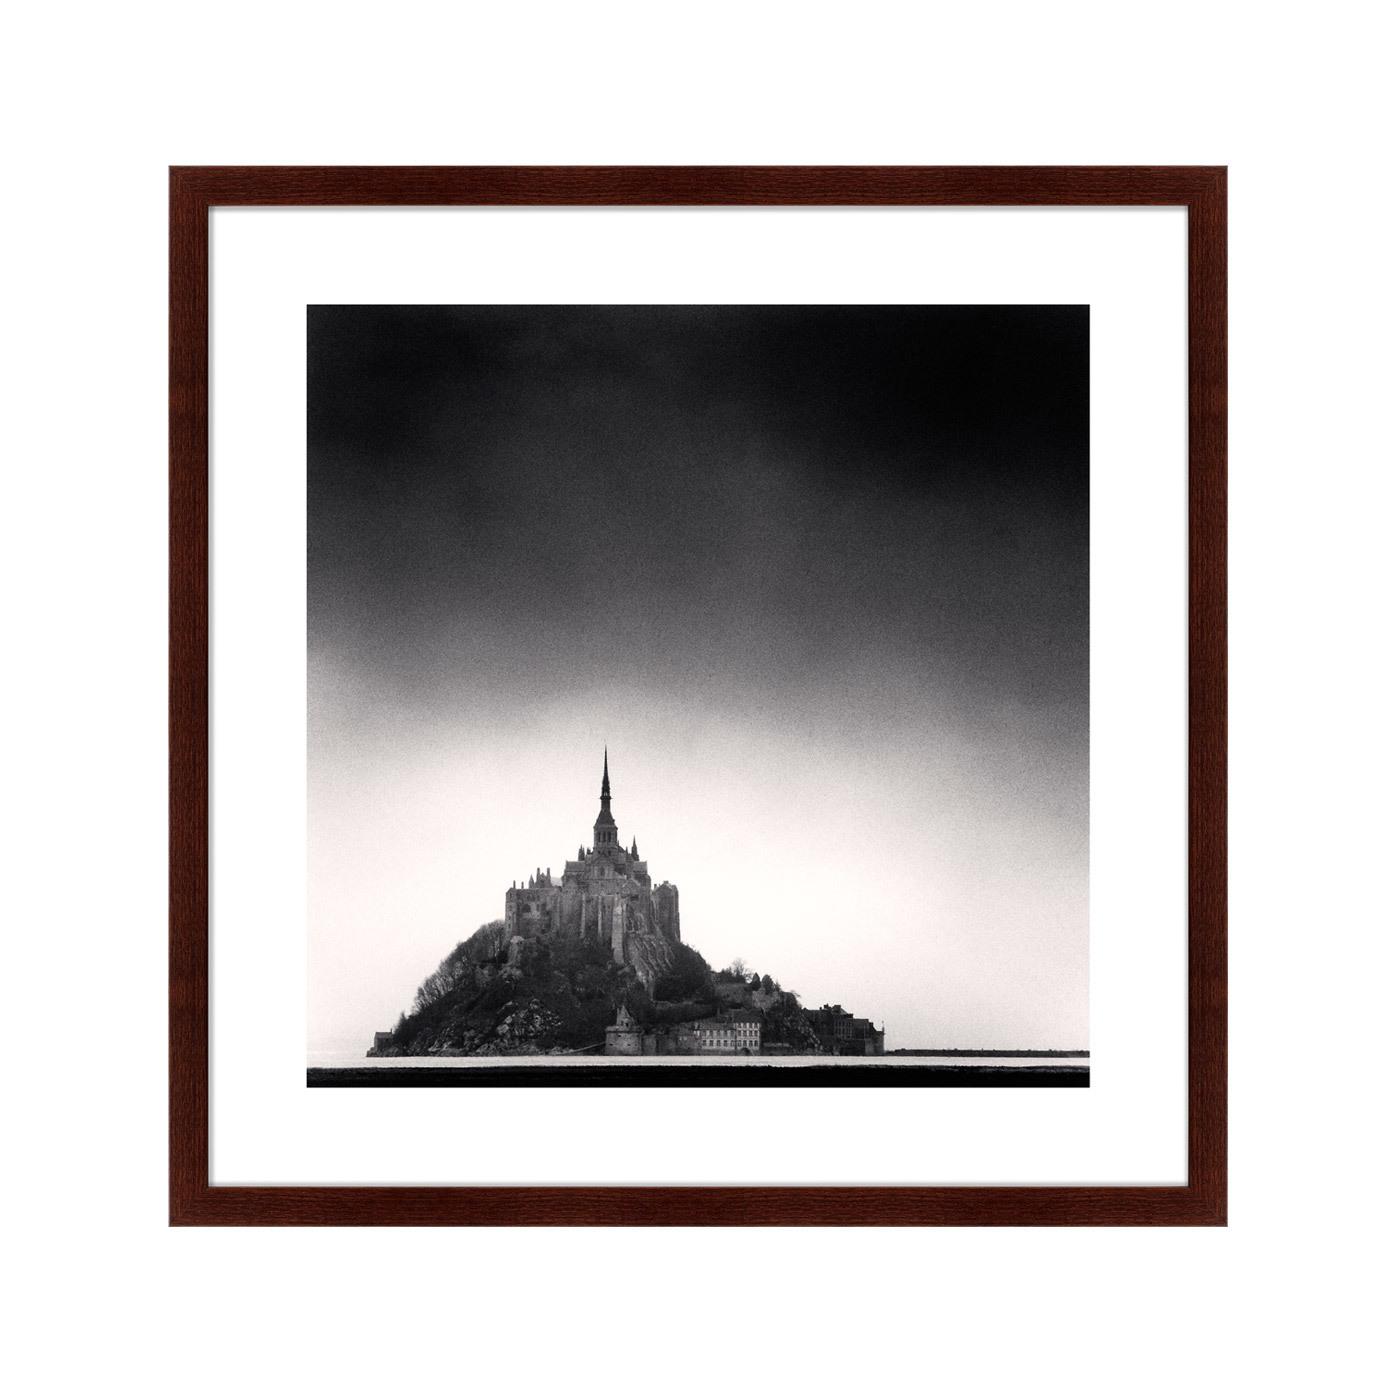 {} Картины в Квартиру Картина Castle (79х79 см) картины в квартиру картина бульдоги в шотландской клетке 35х35 см